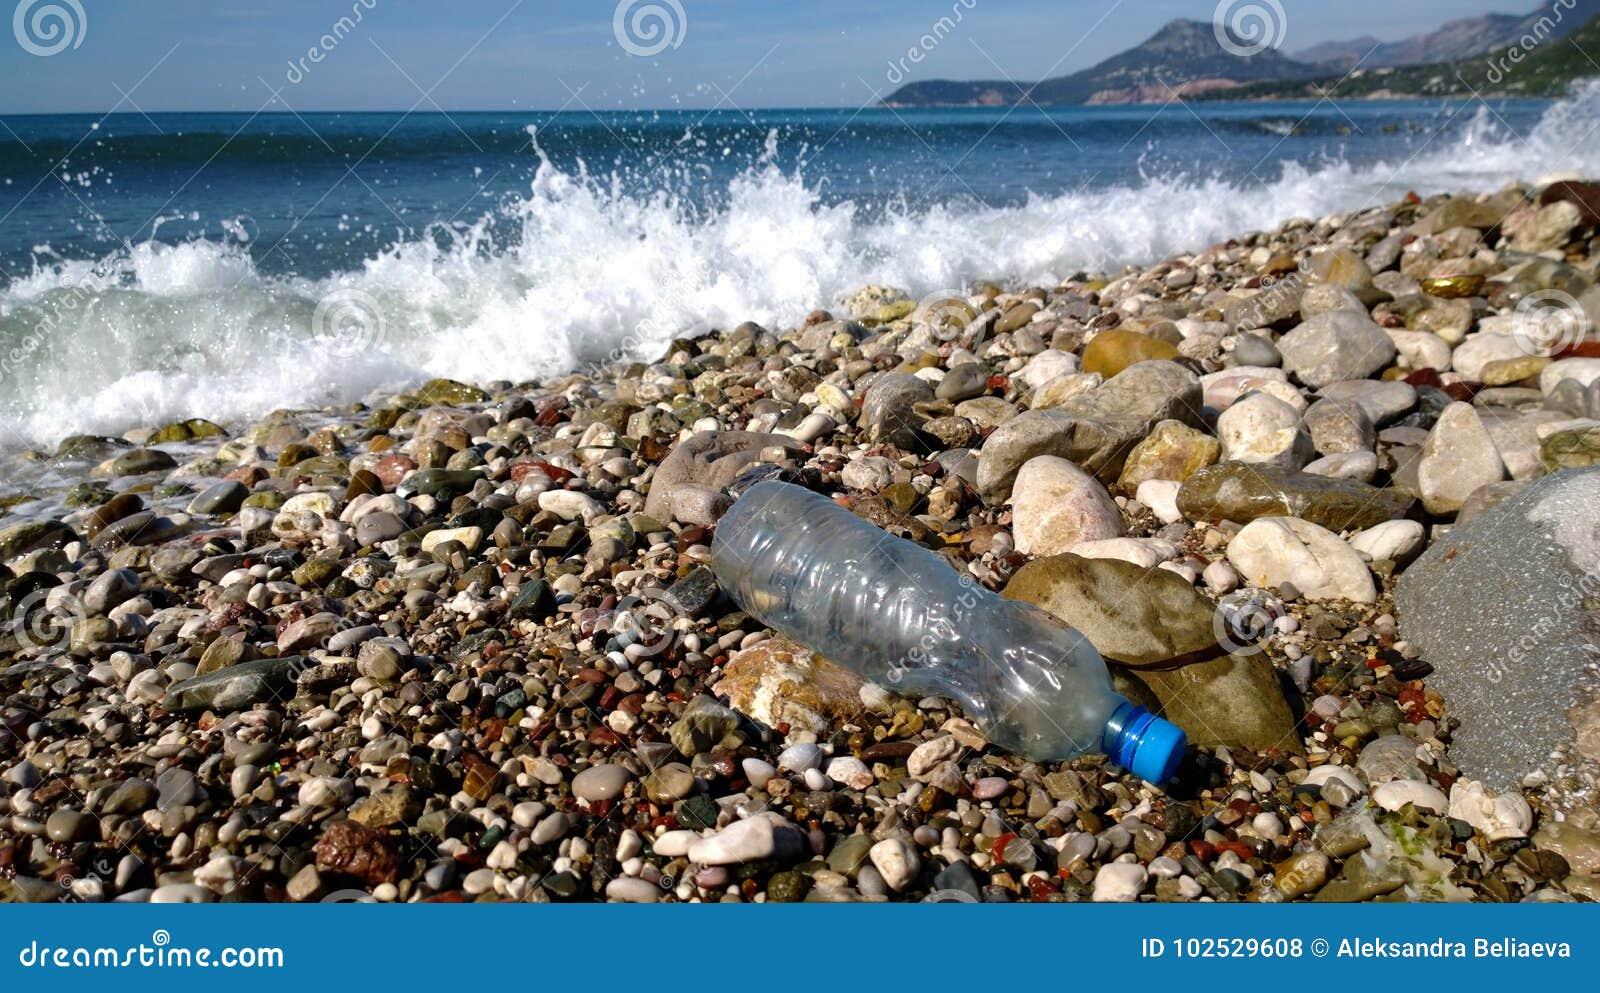 Les vagues de la mer ont lavé vers le haut d une bouteille en plastique vide Environmental pollution - garbage in scenic spots